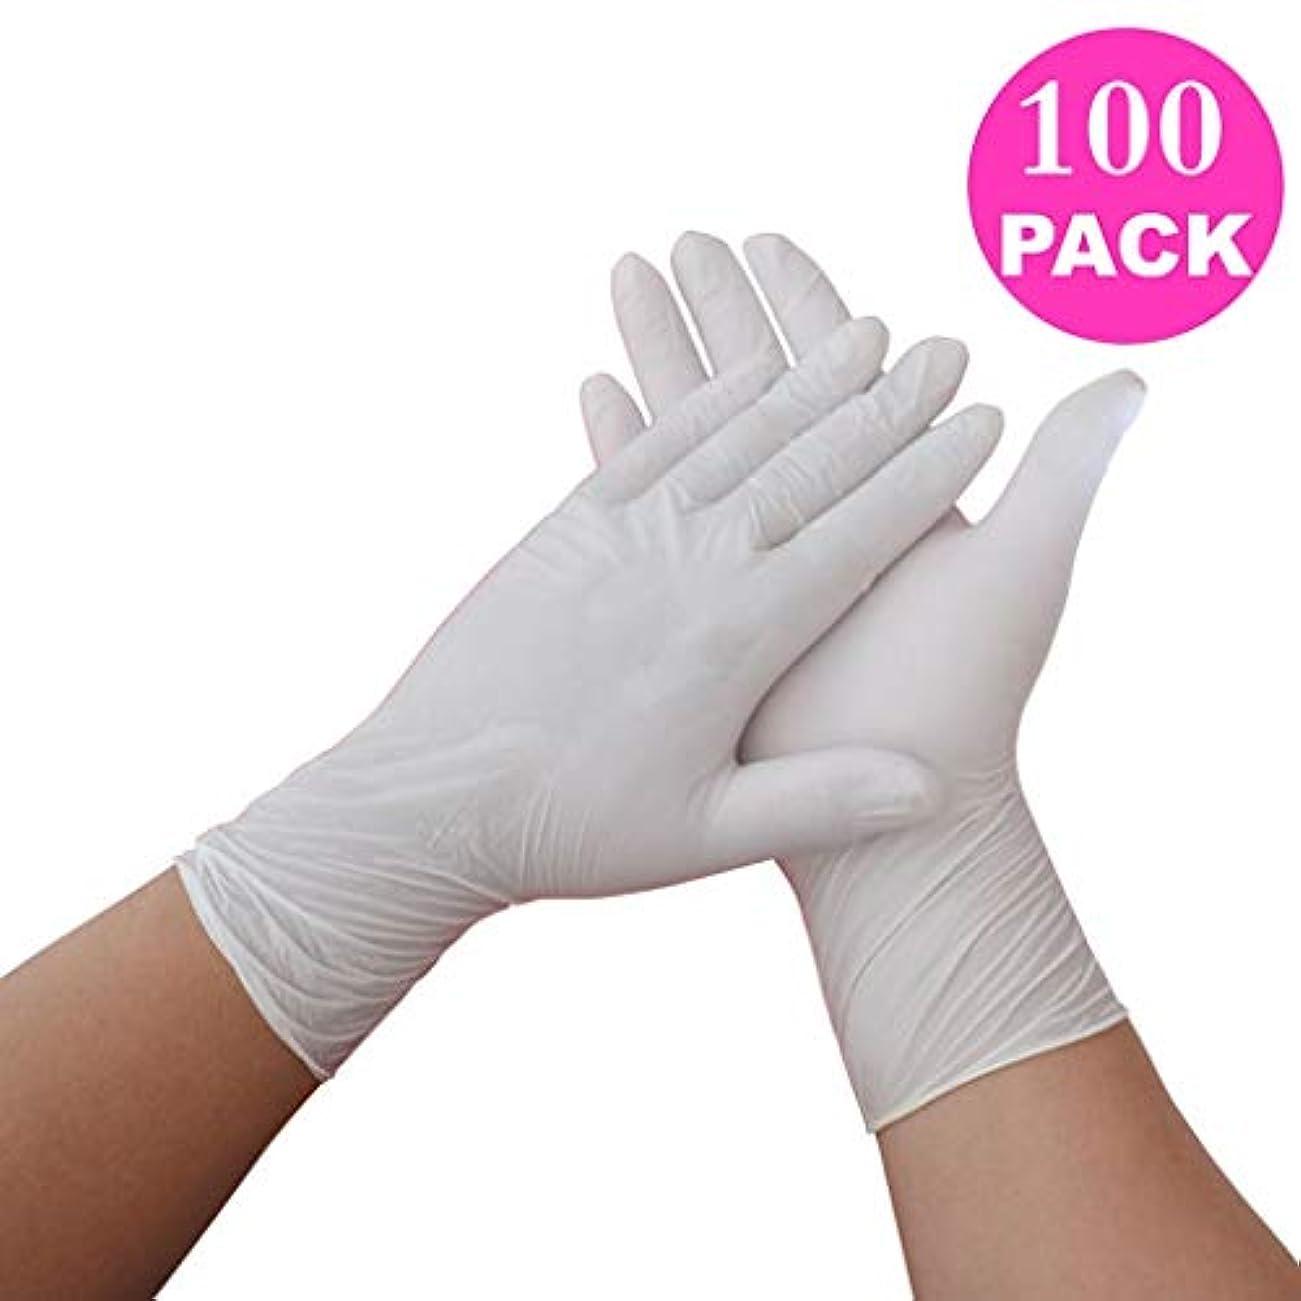 復活原油プラカード病院ラテックスNitrileLatexパック毎のゴム白ニトリル実験室外科gloves100 (Color : White, Size : S)